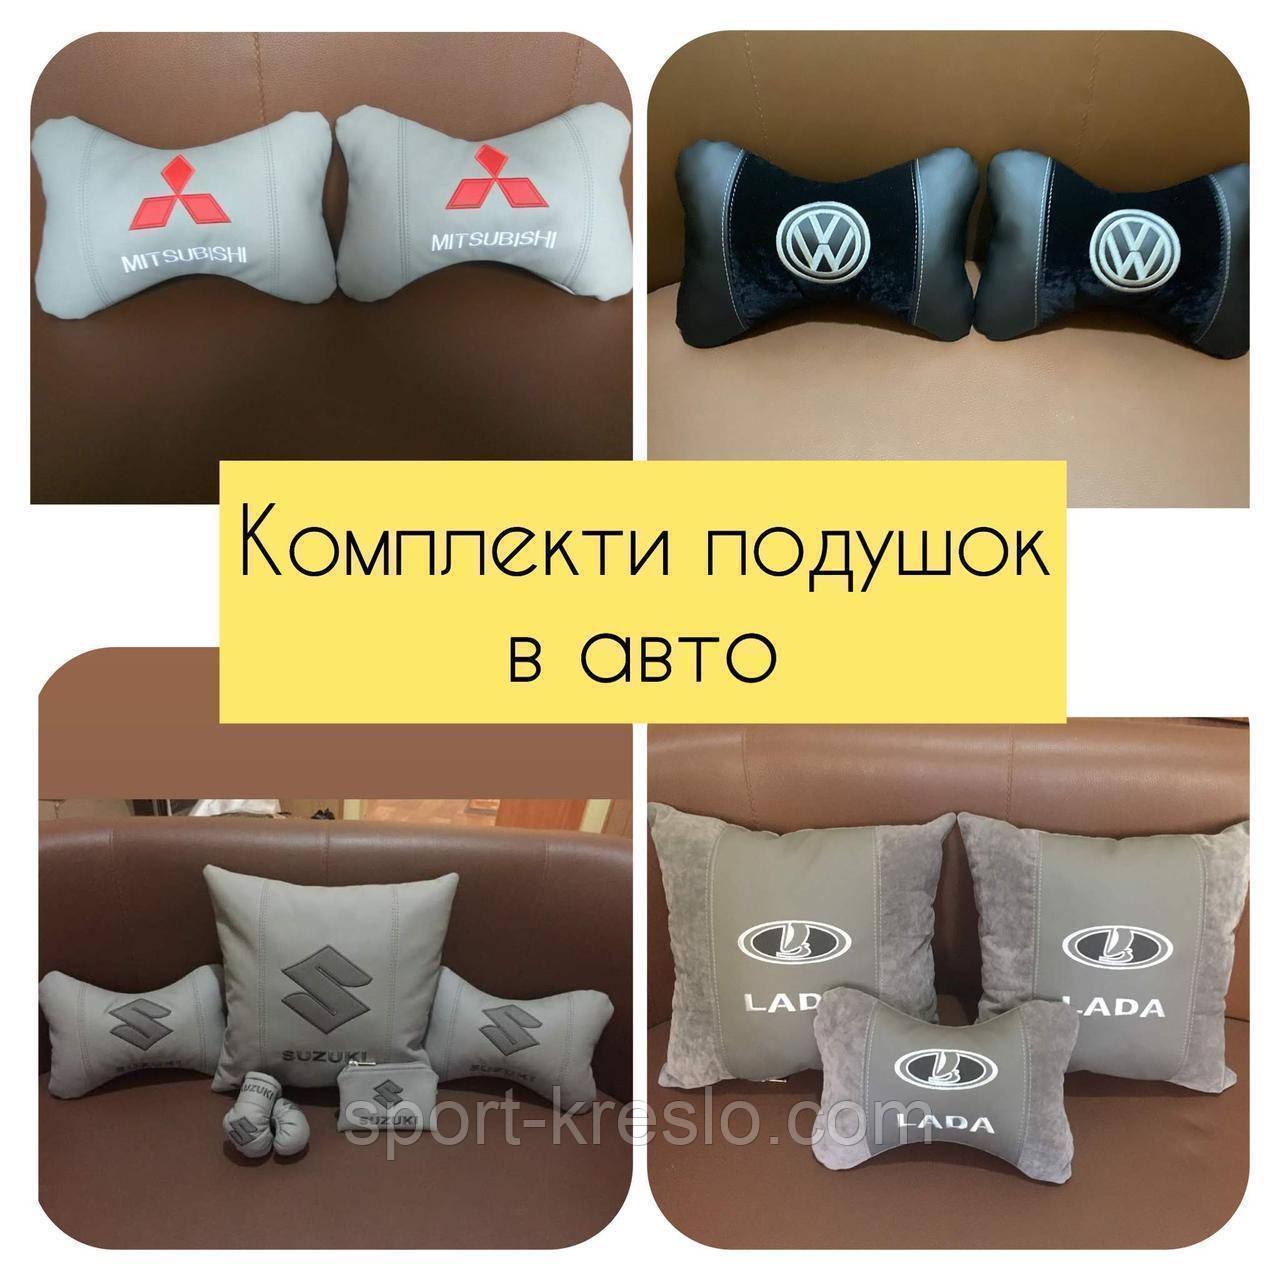 Подушки сувенирные с логотипом, подголовники в машину